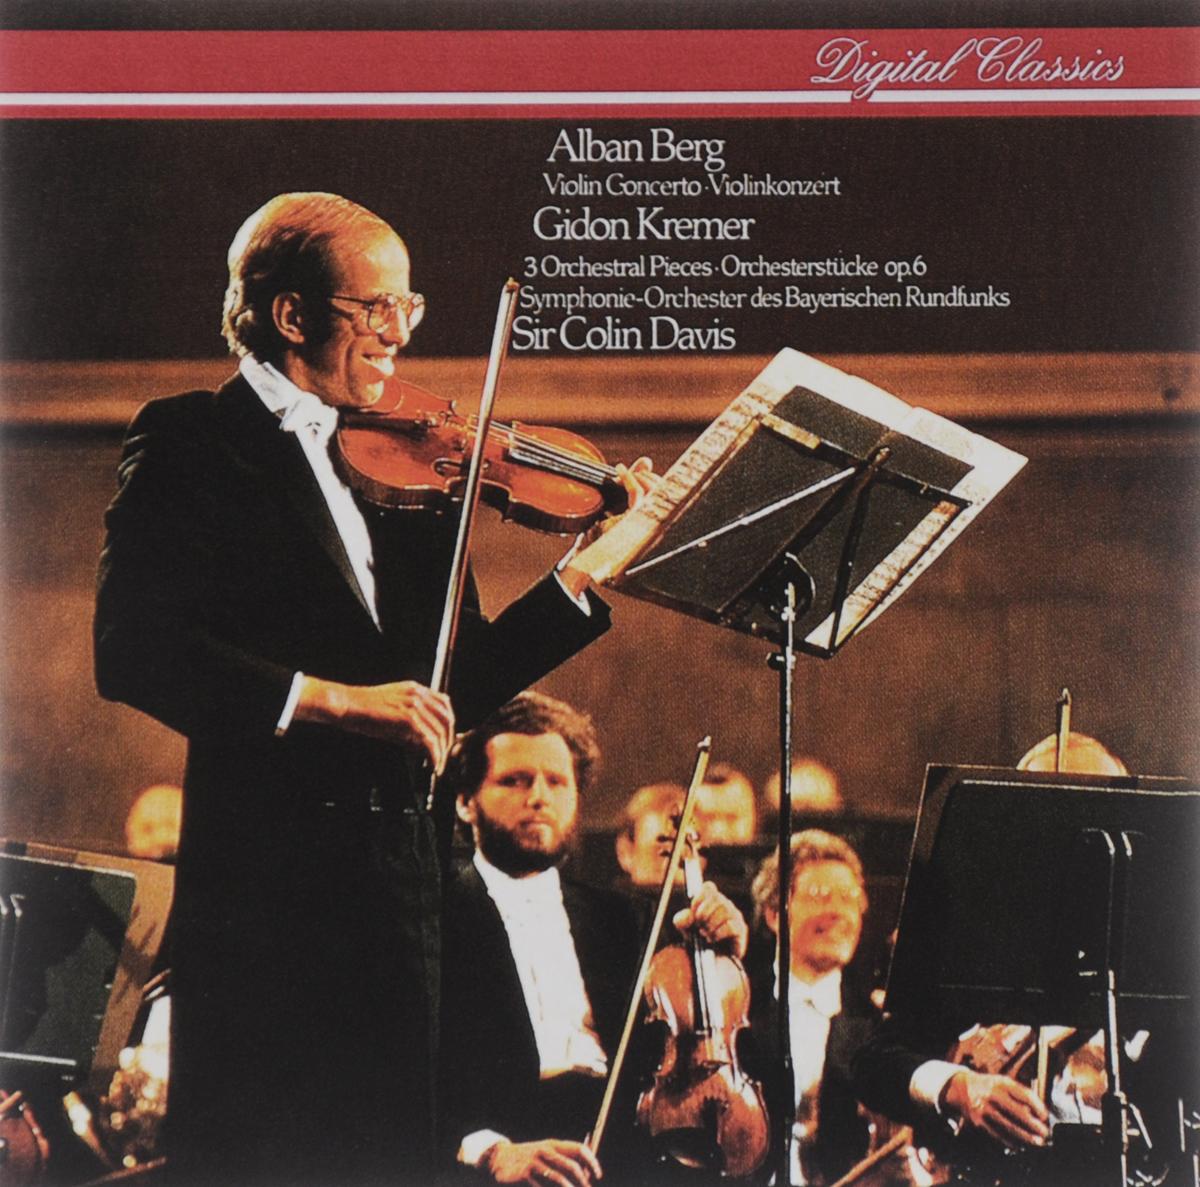 Гидон Кремер,Симфонический оркестр Баварского Радио,Колин Дэвис Gidon Kremer. Alban Berg. Violin Concerto / 3 Orchestral Pieces